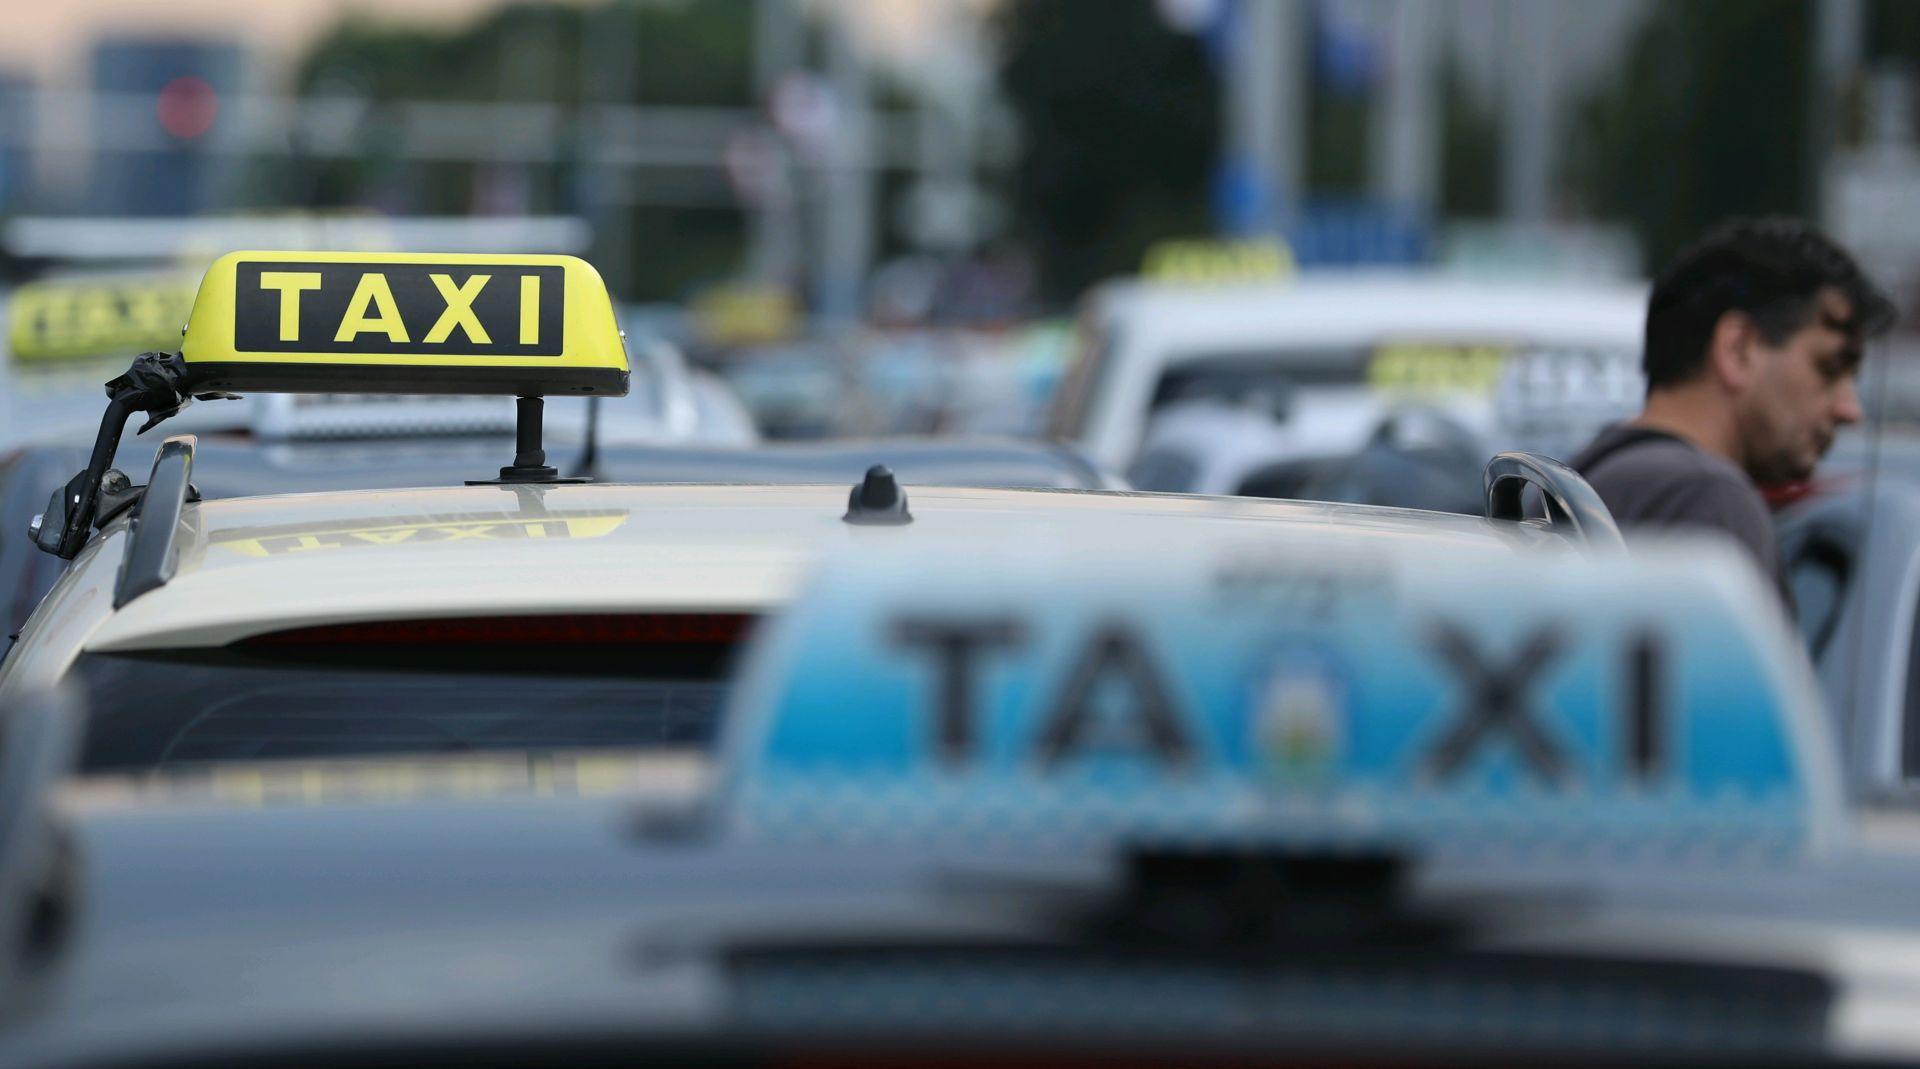 Taksi prijevoz će se moći naručiti i putem elektroničke aplikacije